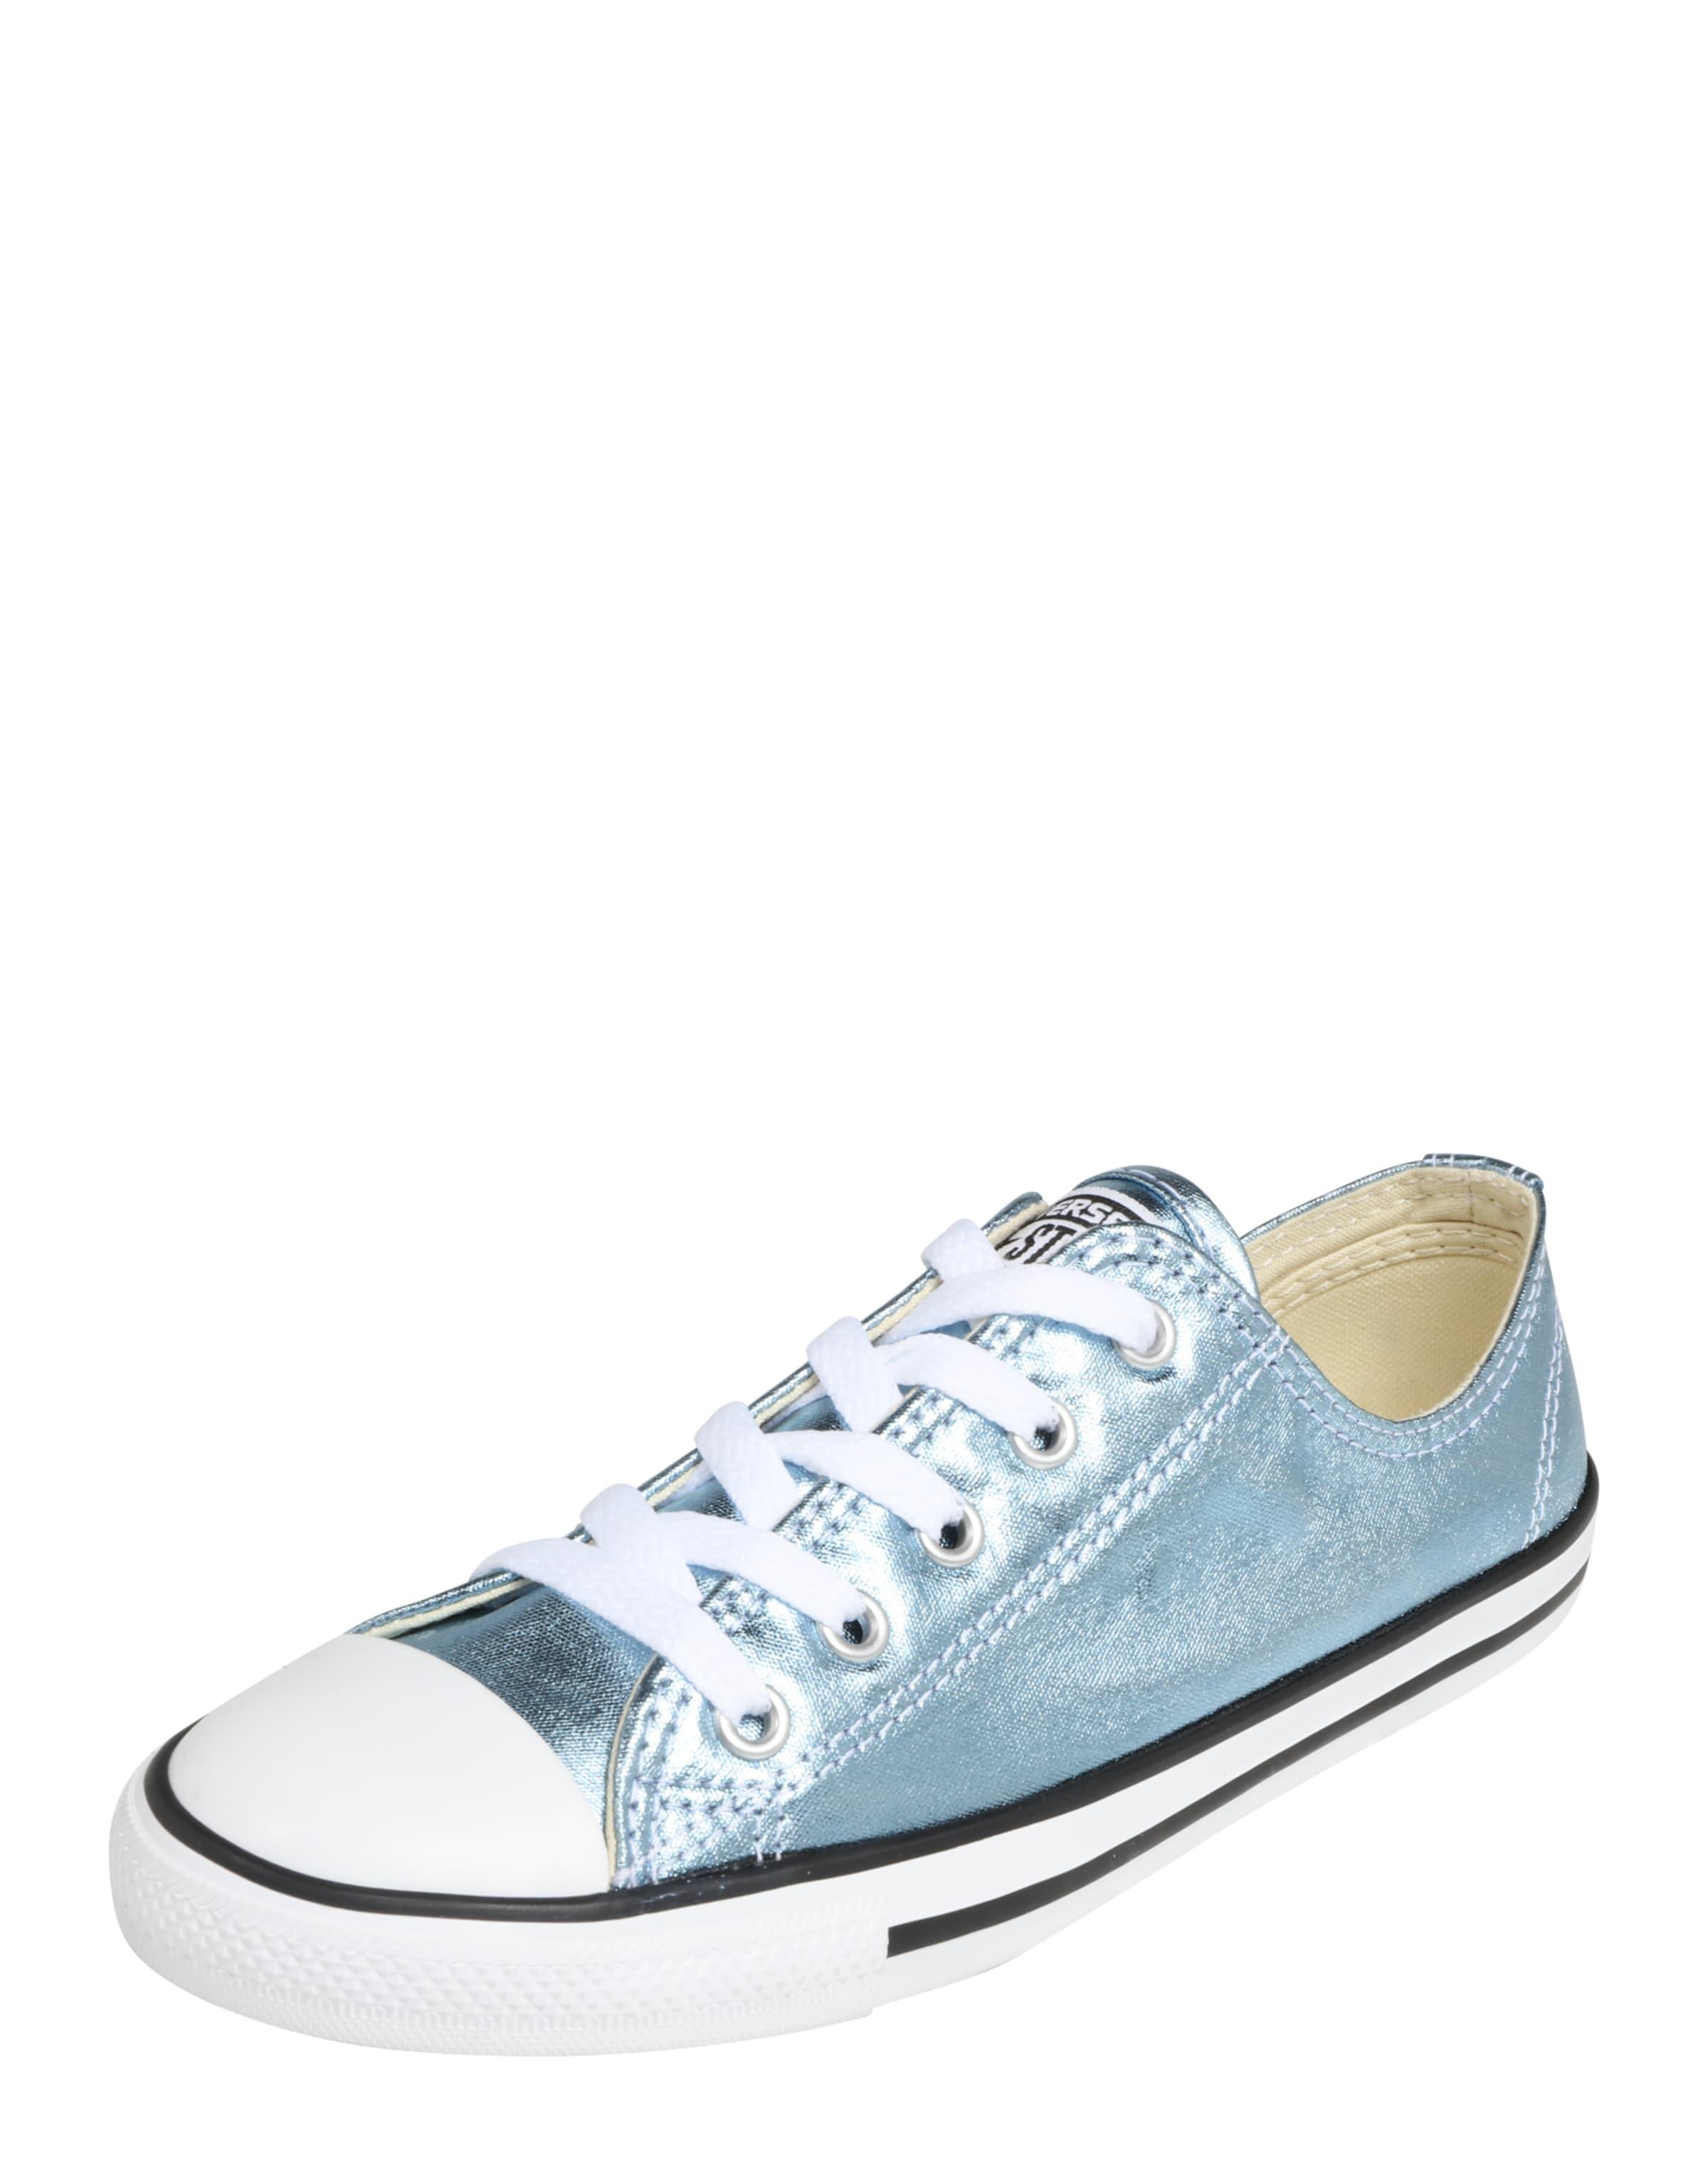 CONVERSE Chucks Dainty Verschleißfeste billige Schuhe